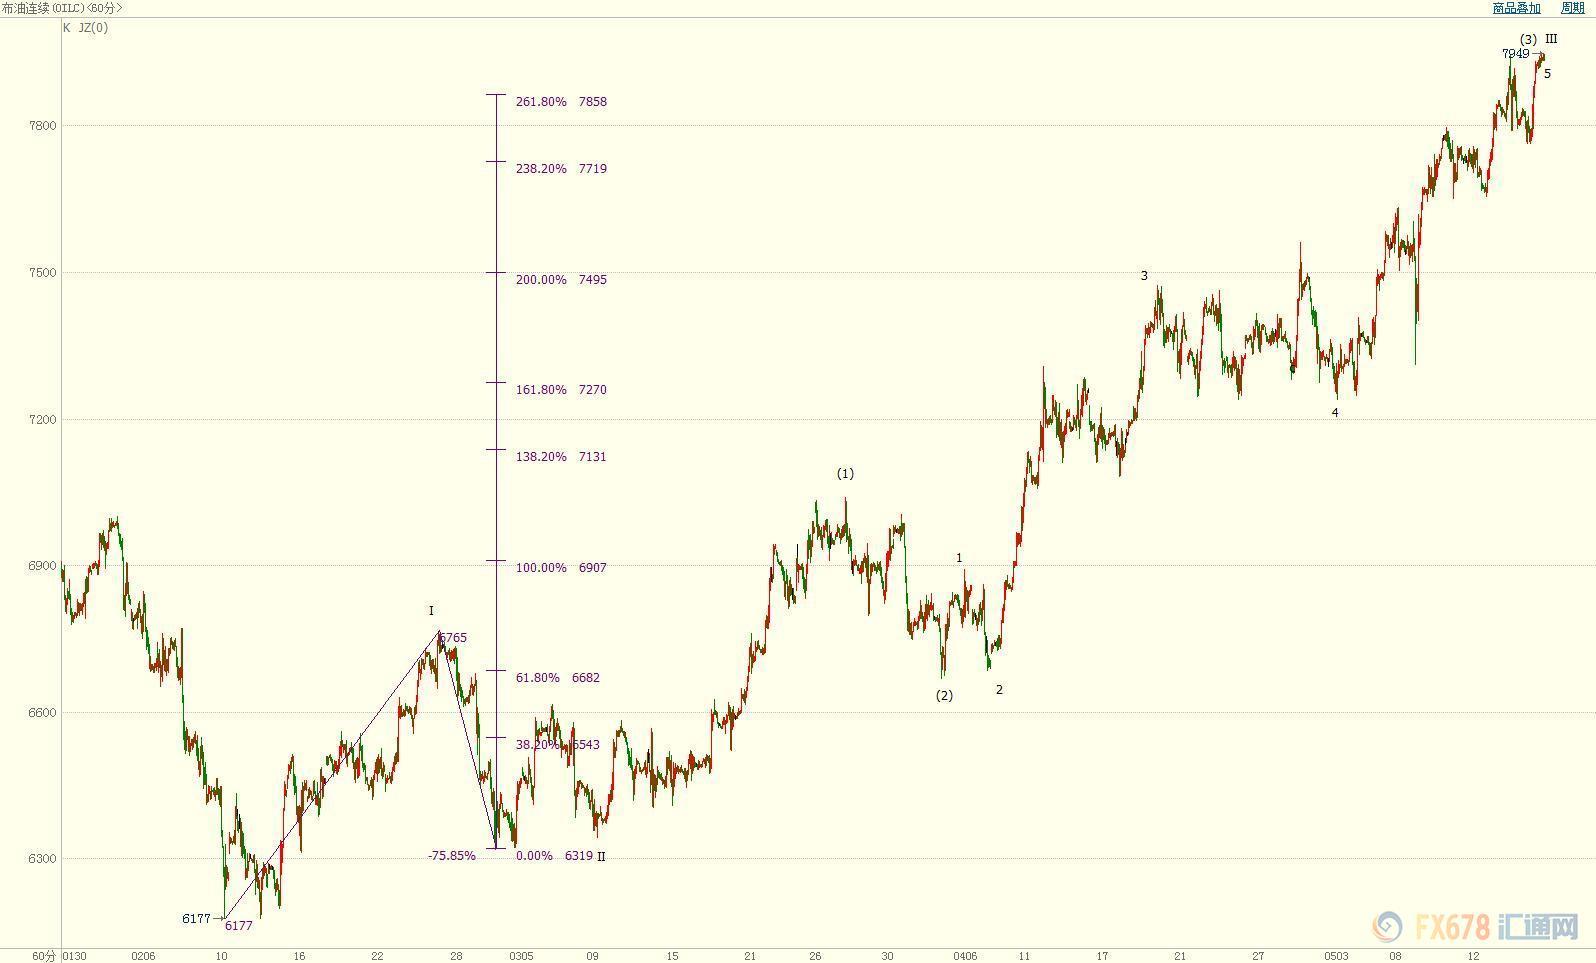 油市供求失衡加剧 地缘政治风险仍在支撑油价